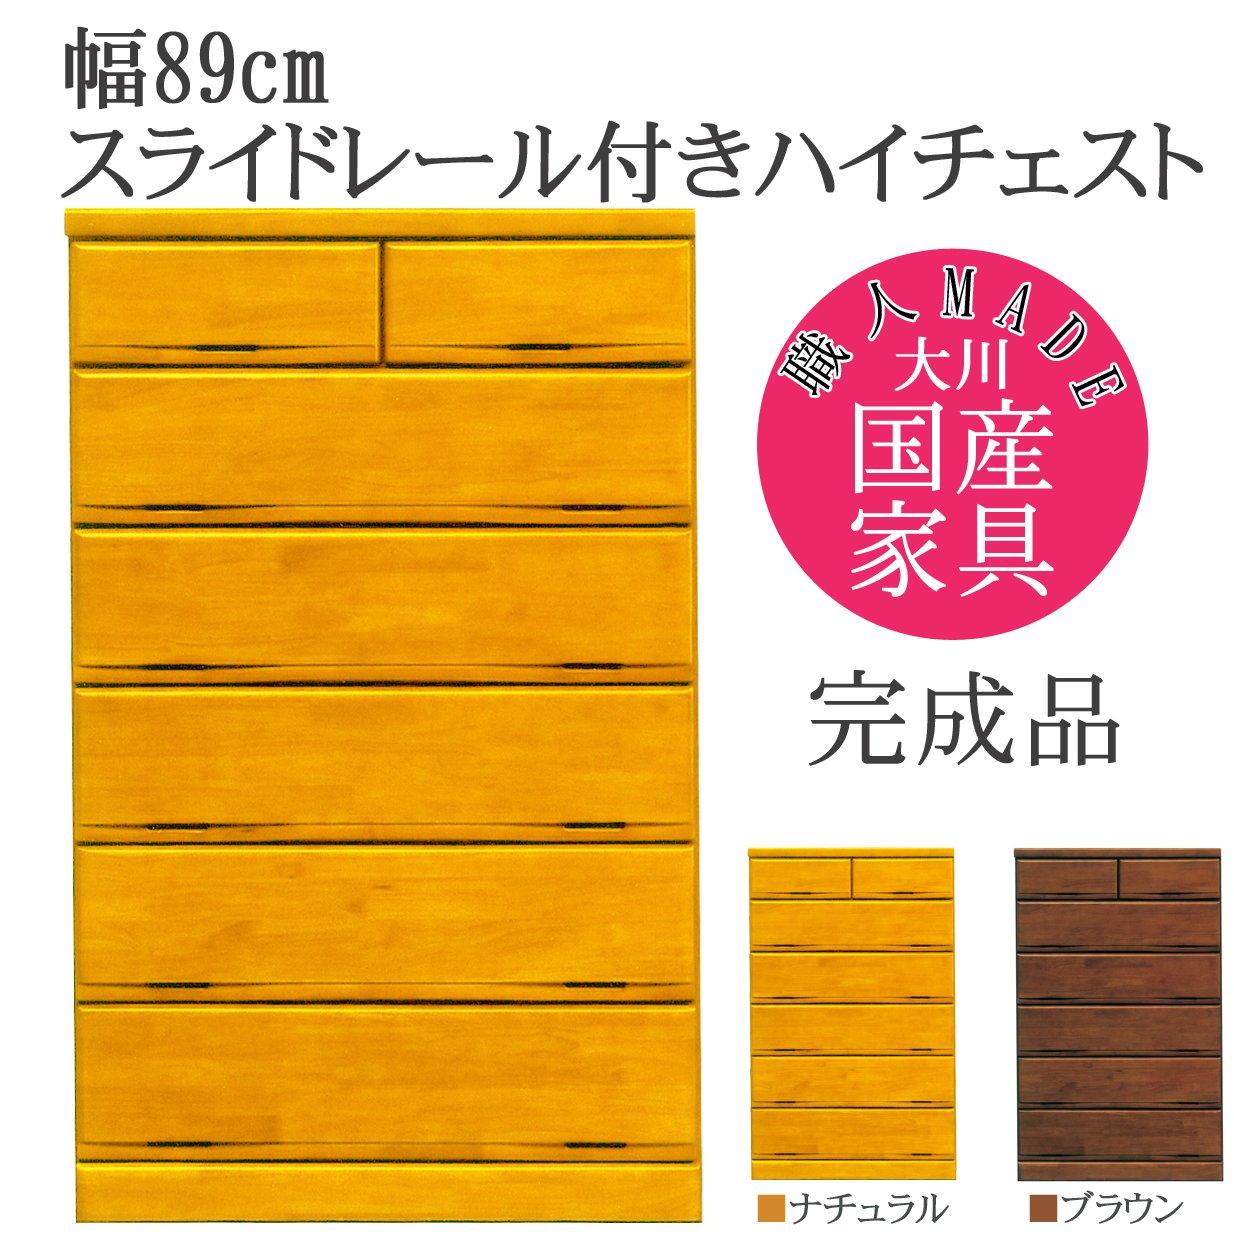 幅89cm スライドレール付き ハイチェスト チェスト ナチュラル 木製 完成品 日本製 大川家具 31020034006-NA B01GHHLPLC 幅89cmハイチェスト|ナチュラル ナチュラル 幅89cmハイチェスト